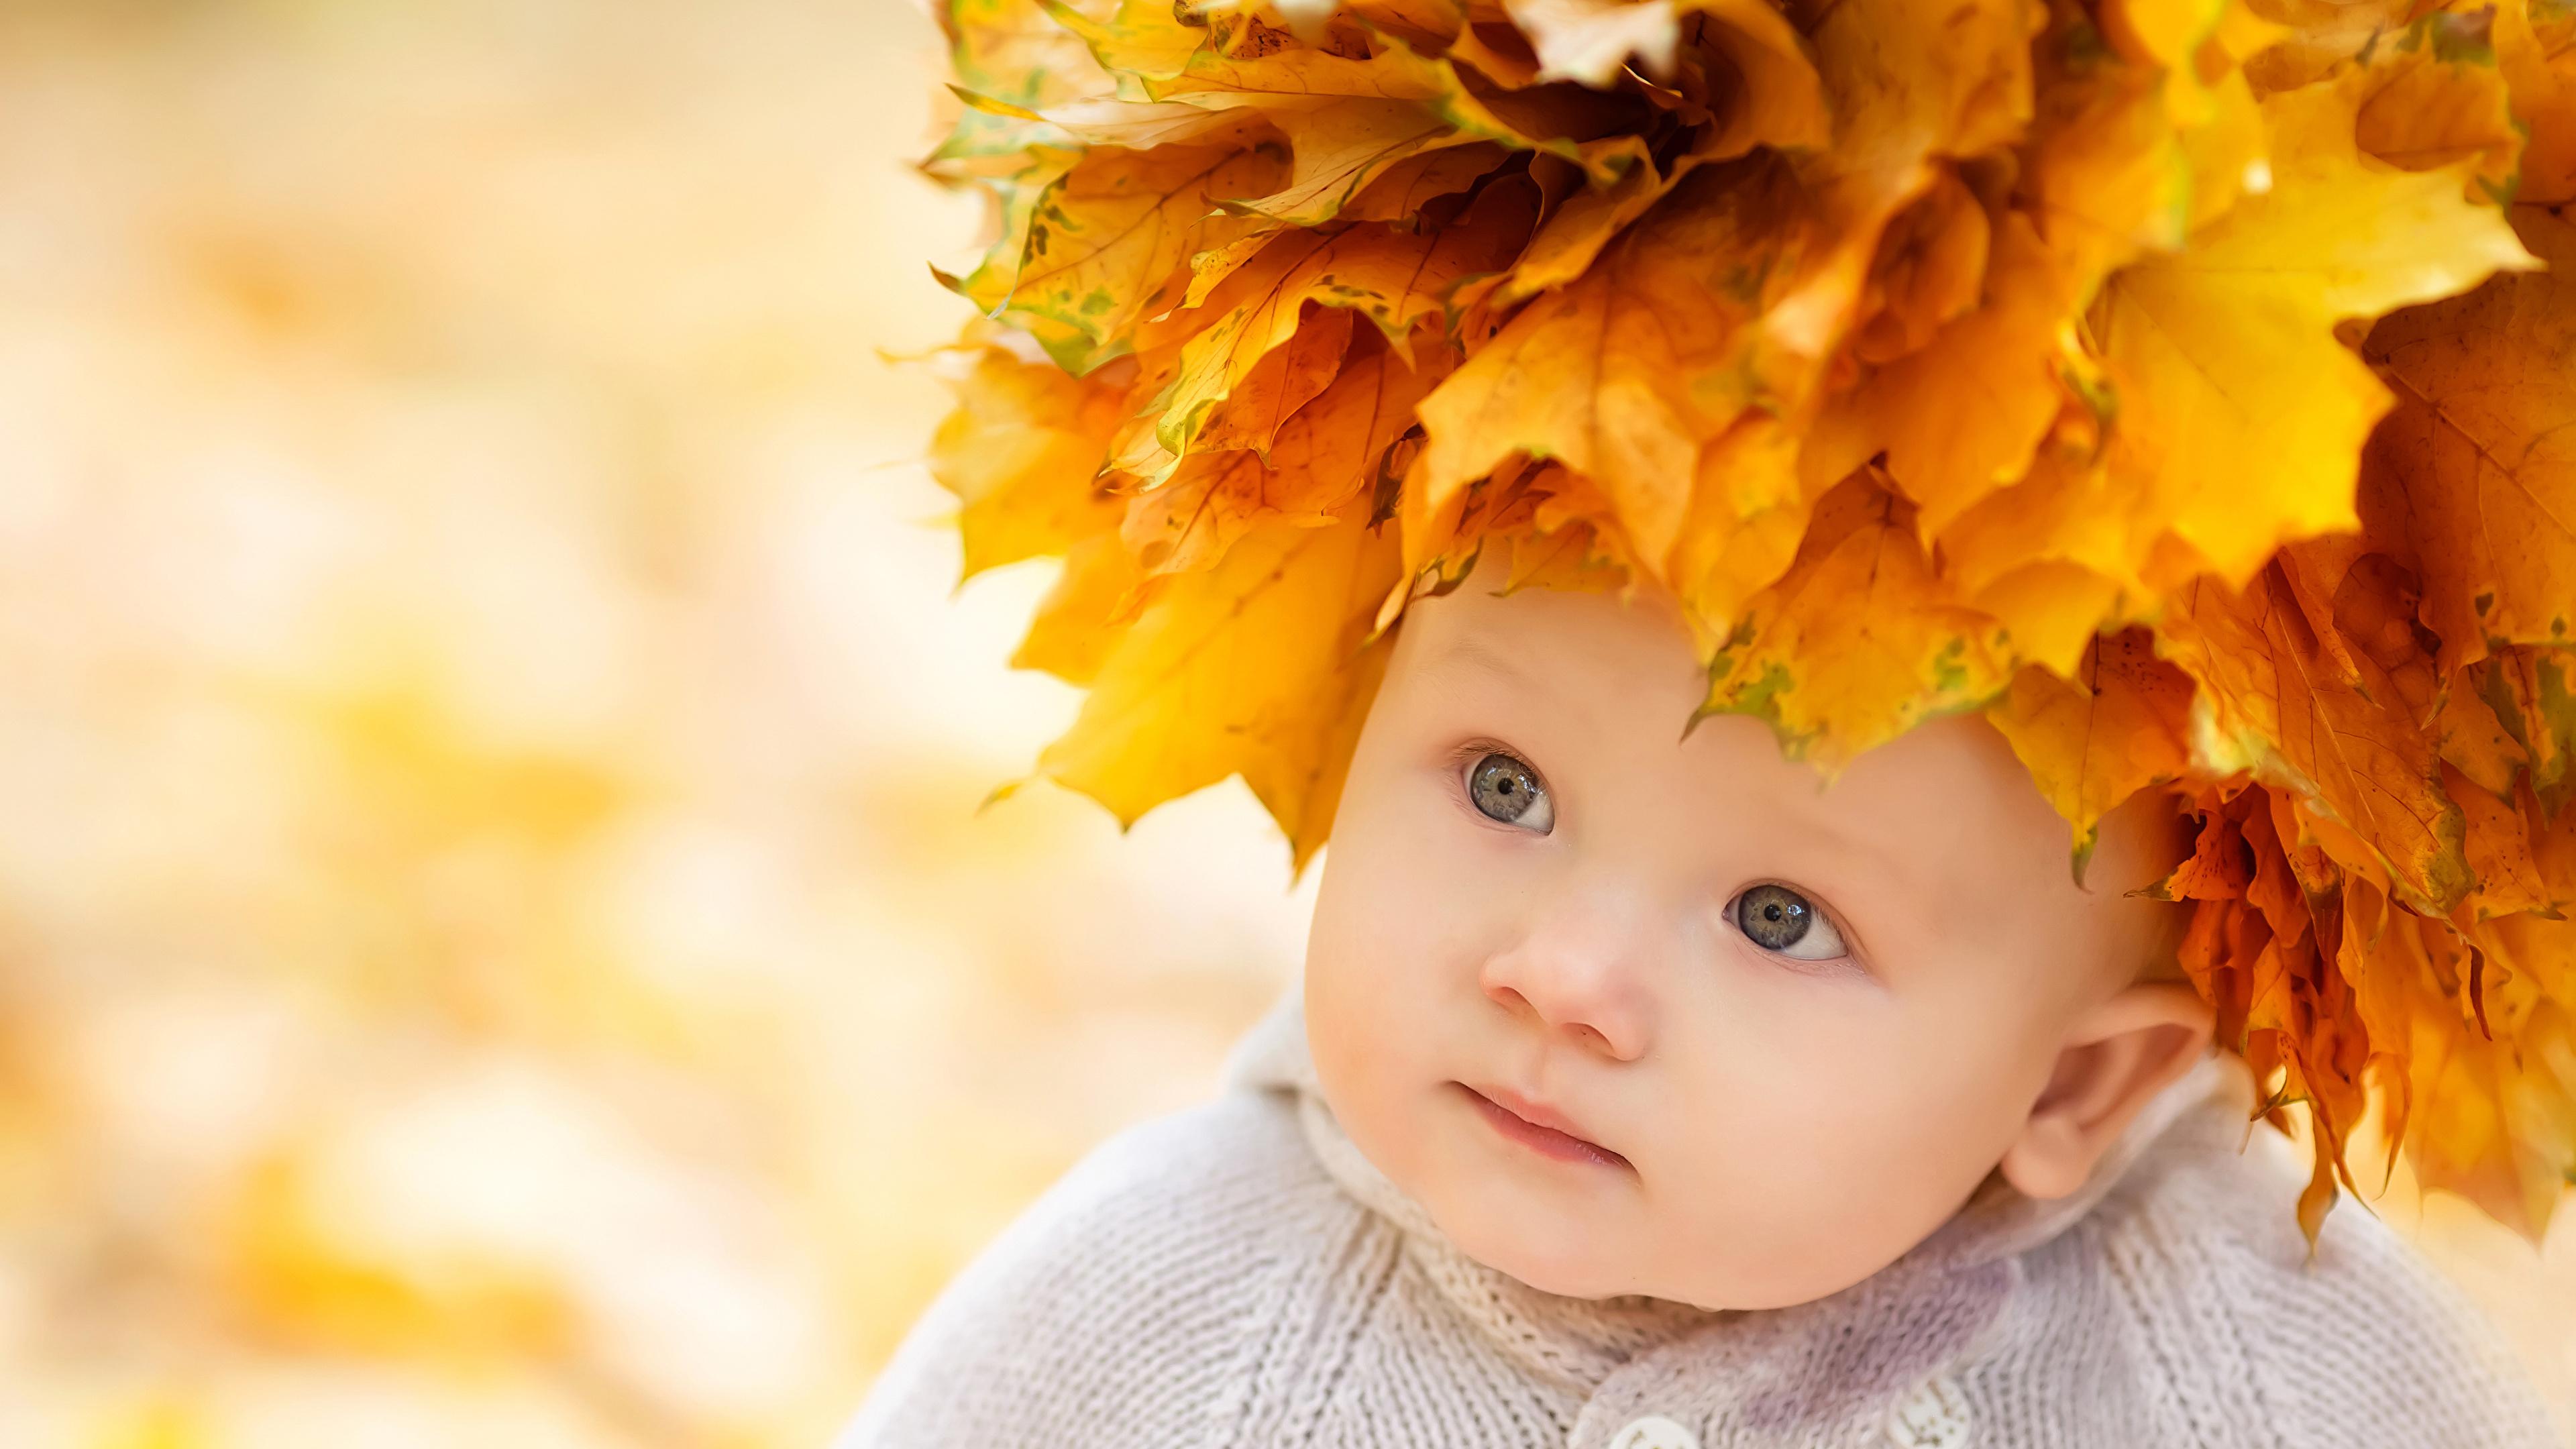 Картинки младенца Листва Ребёнок Осень смотрят 3840x2160 Младенцы младенец грудной ребёнок лист Листья Дети осенние Взгляд смотрит